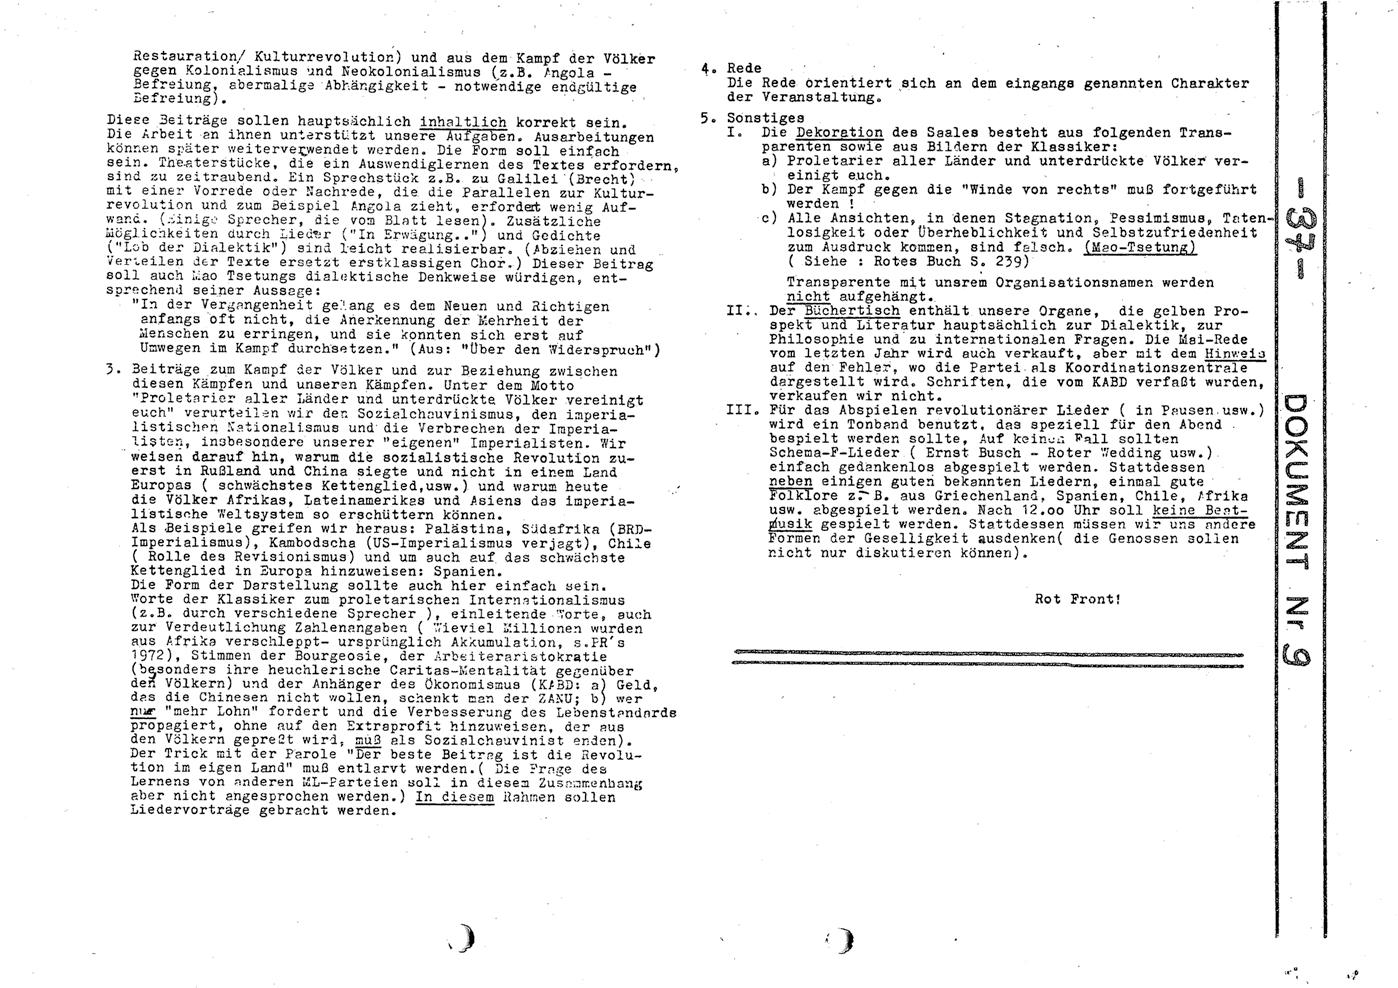 KABRW_Arbeitshefte_1977_24_037